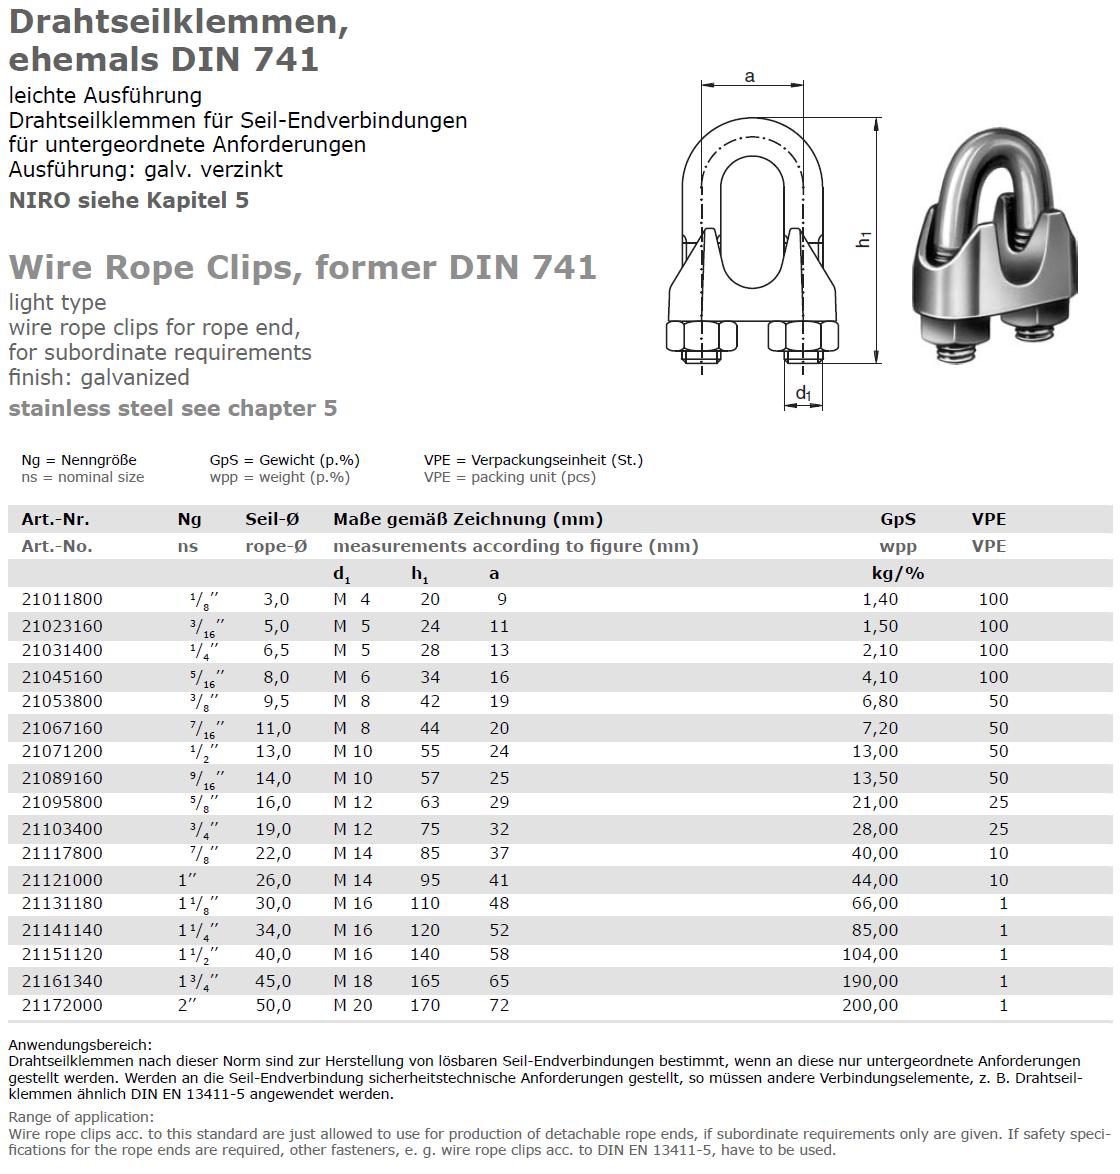 braant drahtseil: Drahtseilklemmen DIN 741